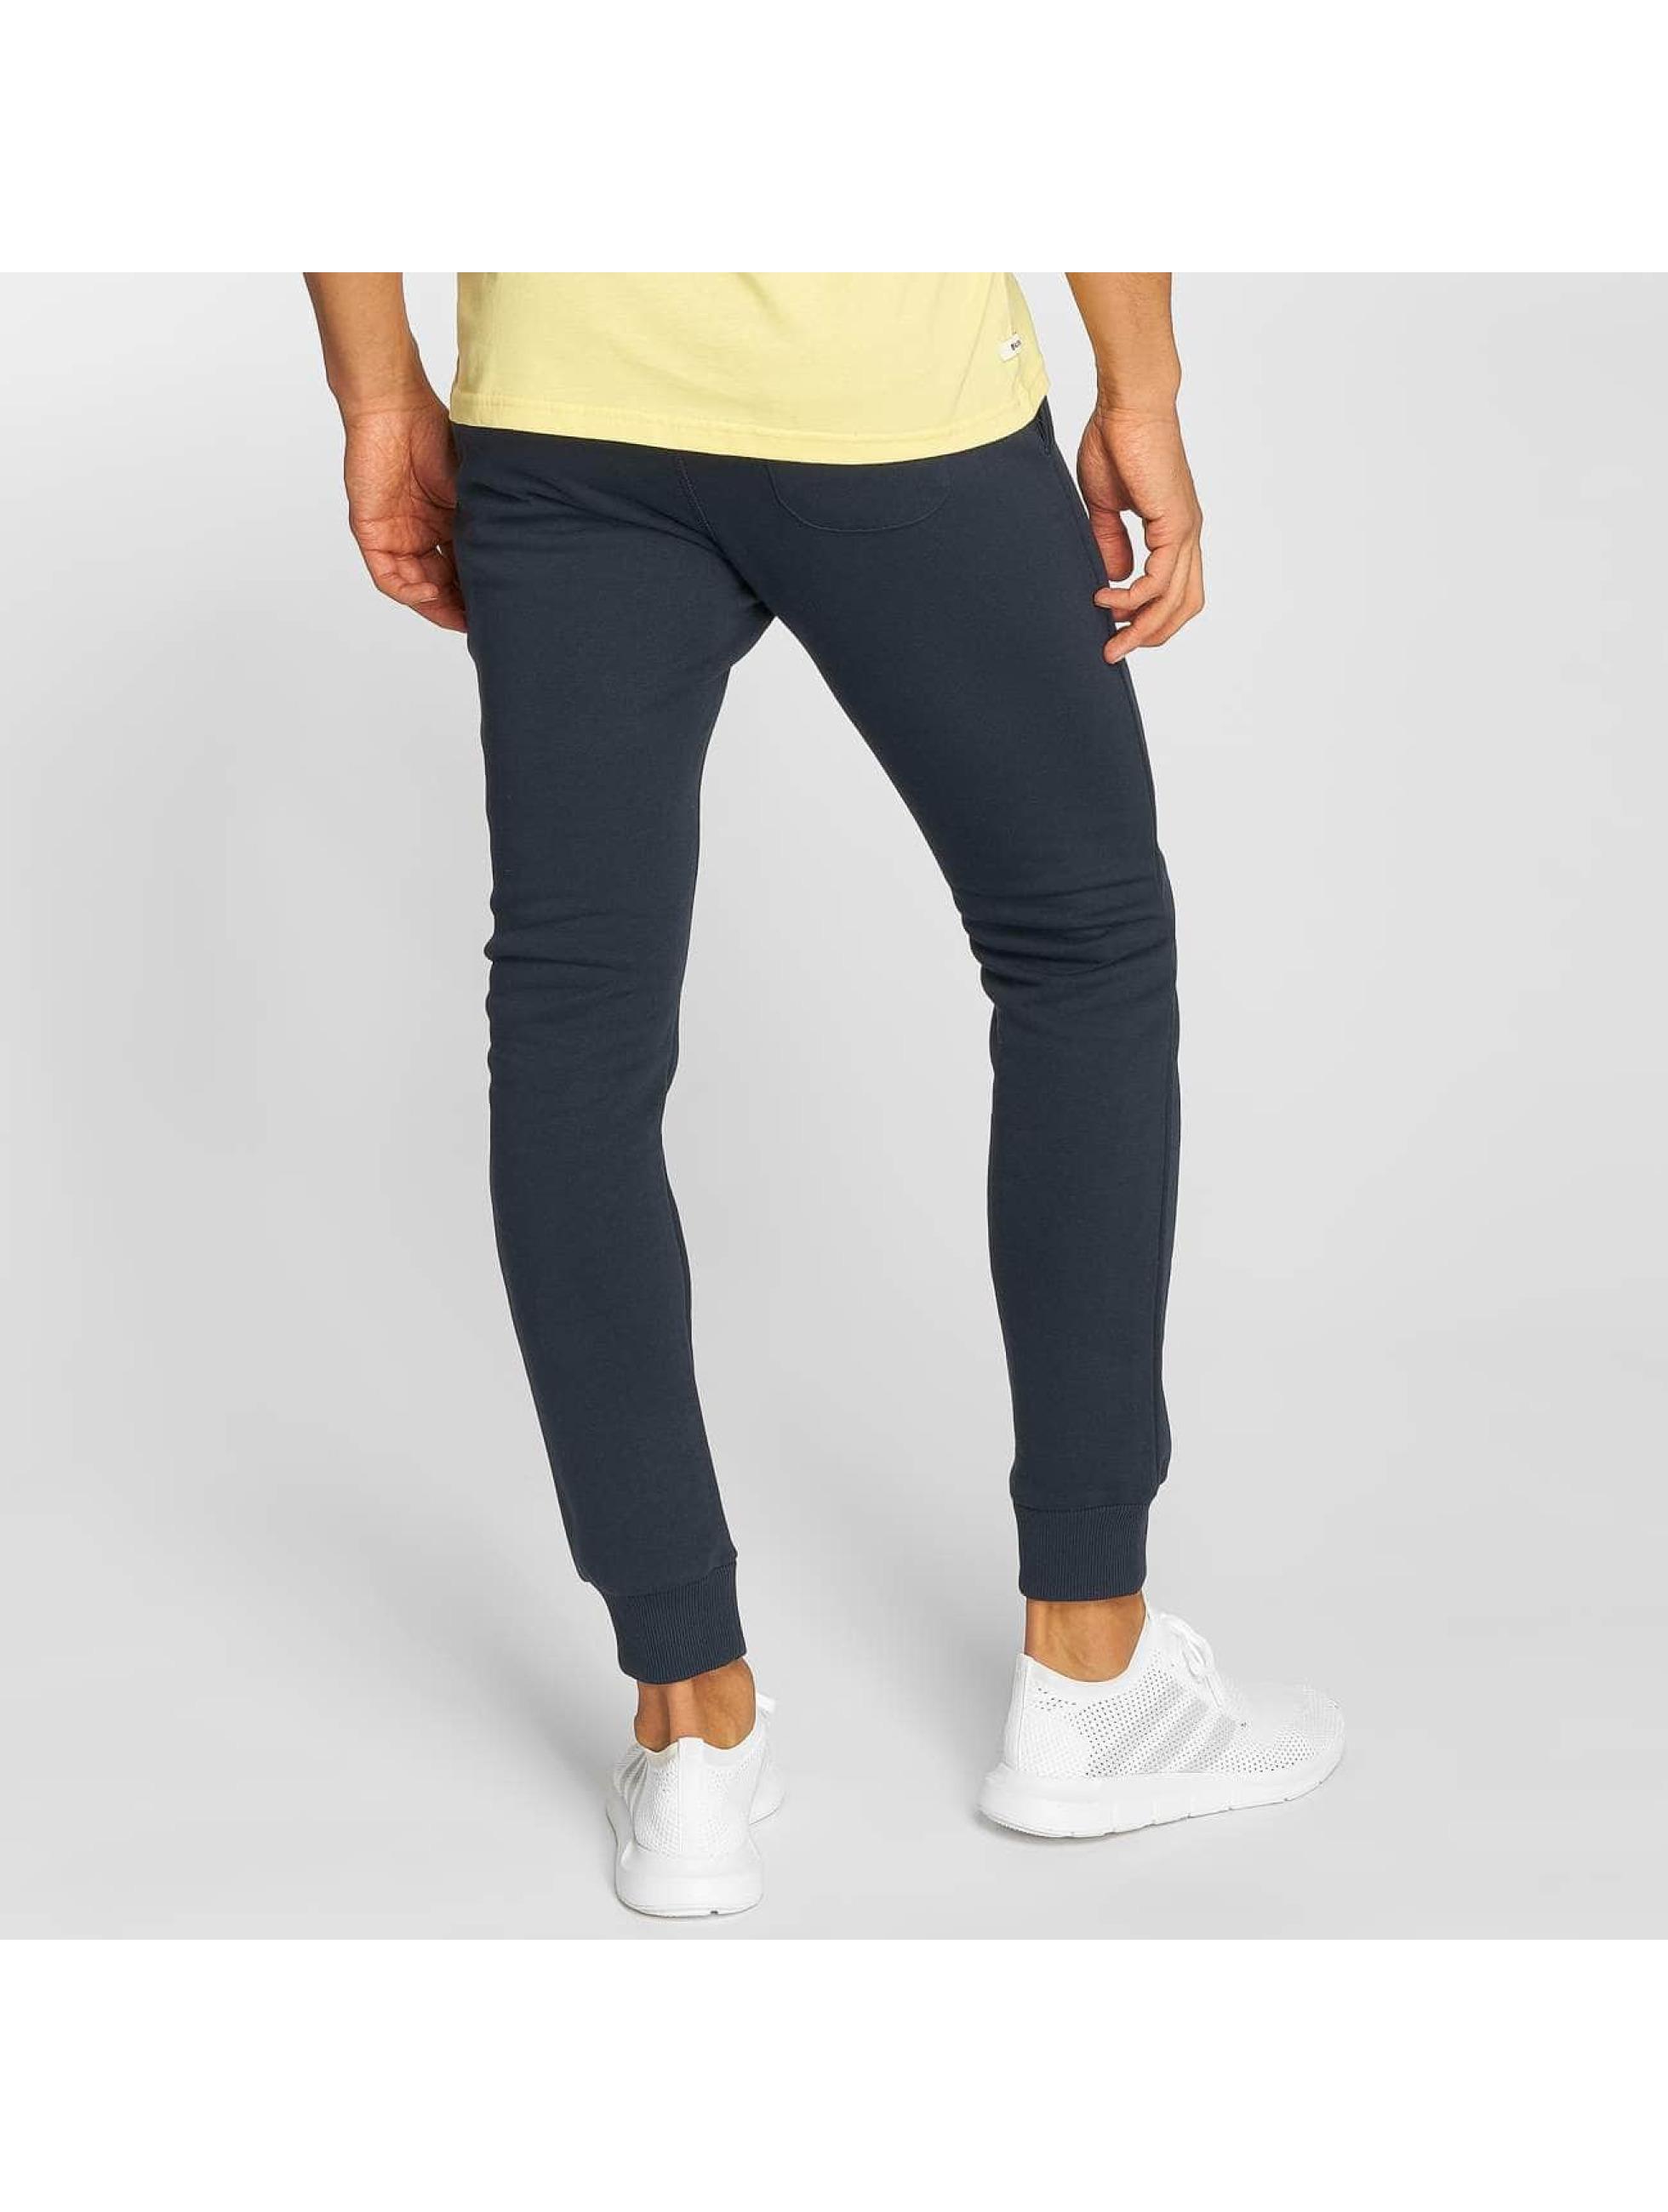 Kulte Pantalone ginnico Jog Sweat blu